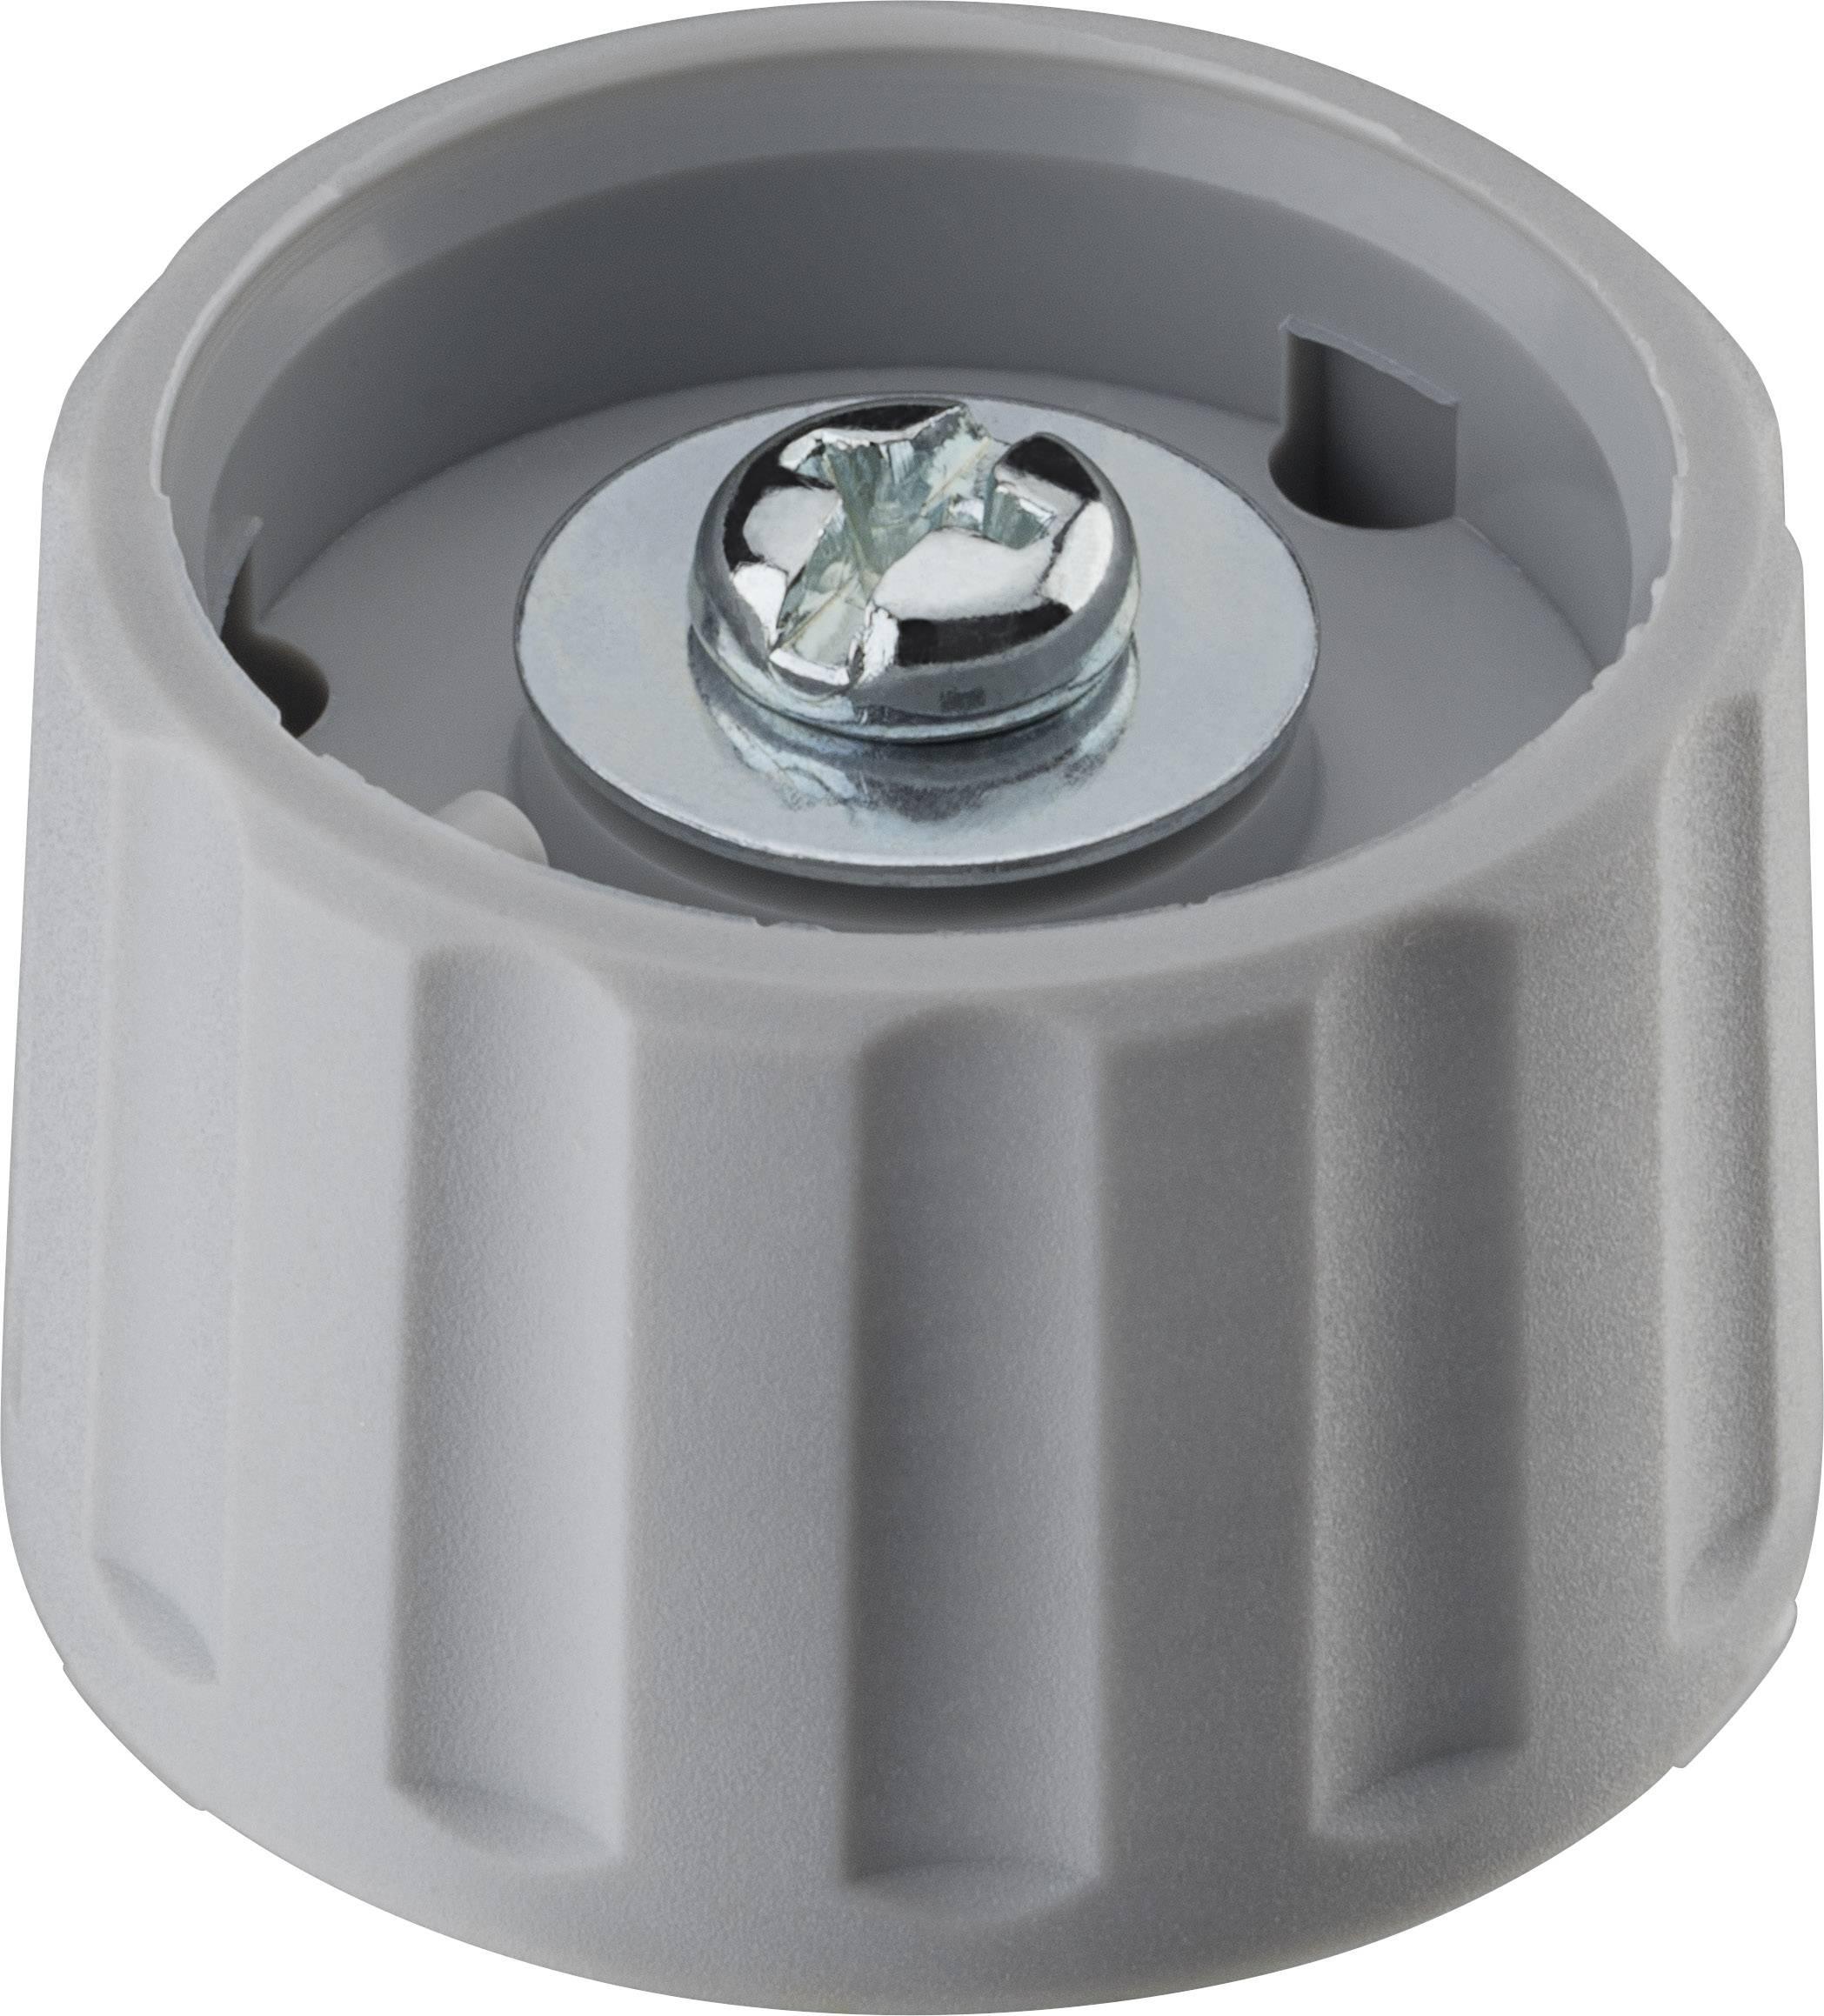 Otočný knoflík Ritel 26 28 60 1, (Ø x v) 28 mm x 18.2 mm, šedá, 1 ks